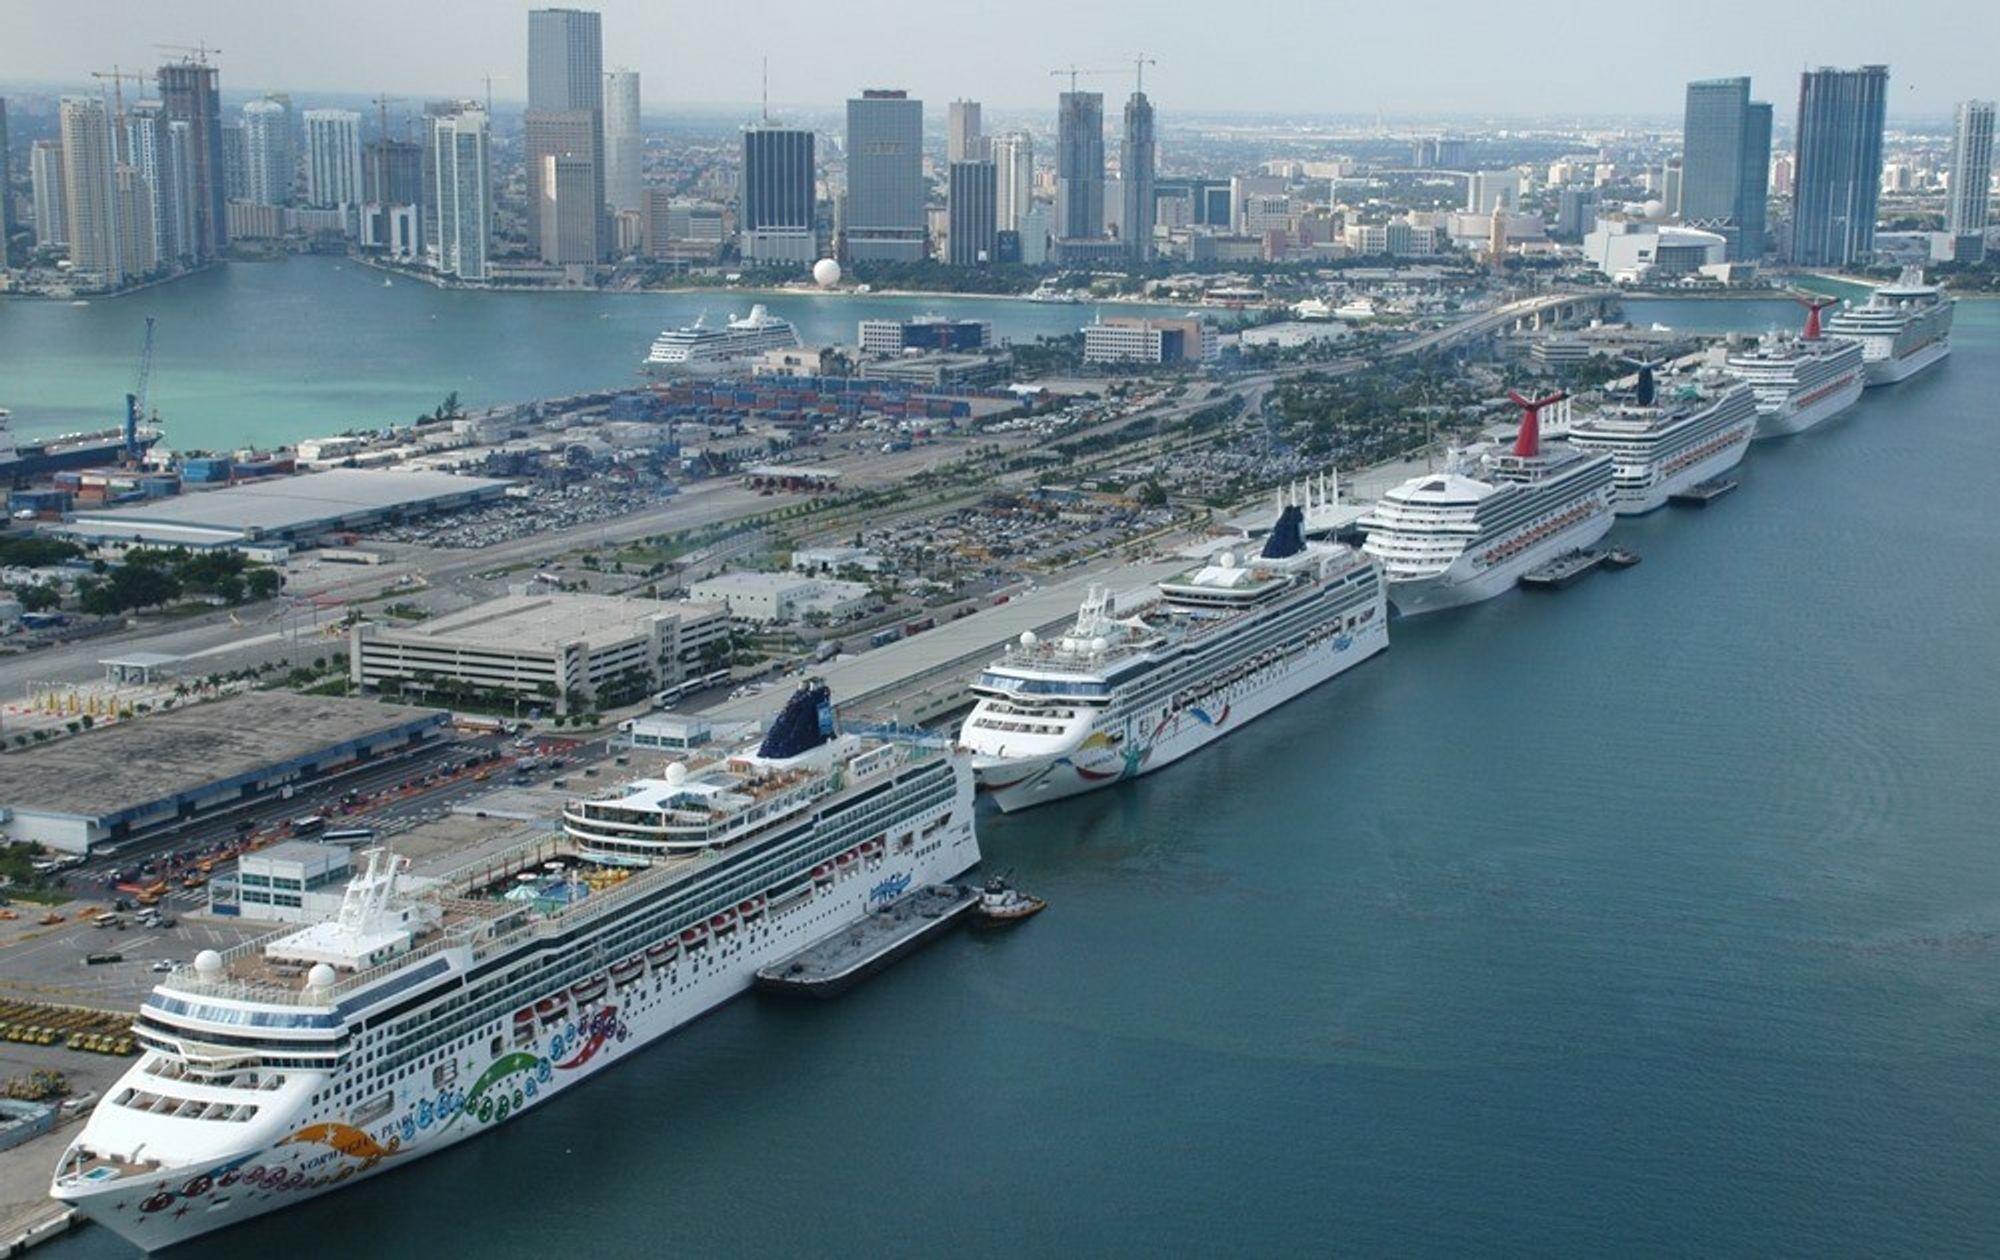 Cruiseterminal i Miami - før koronautbruddet tvang flere til kai og ulike typer opplag.